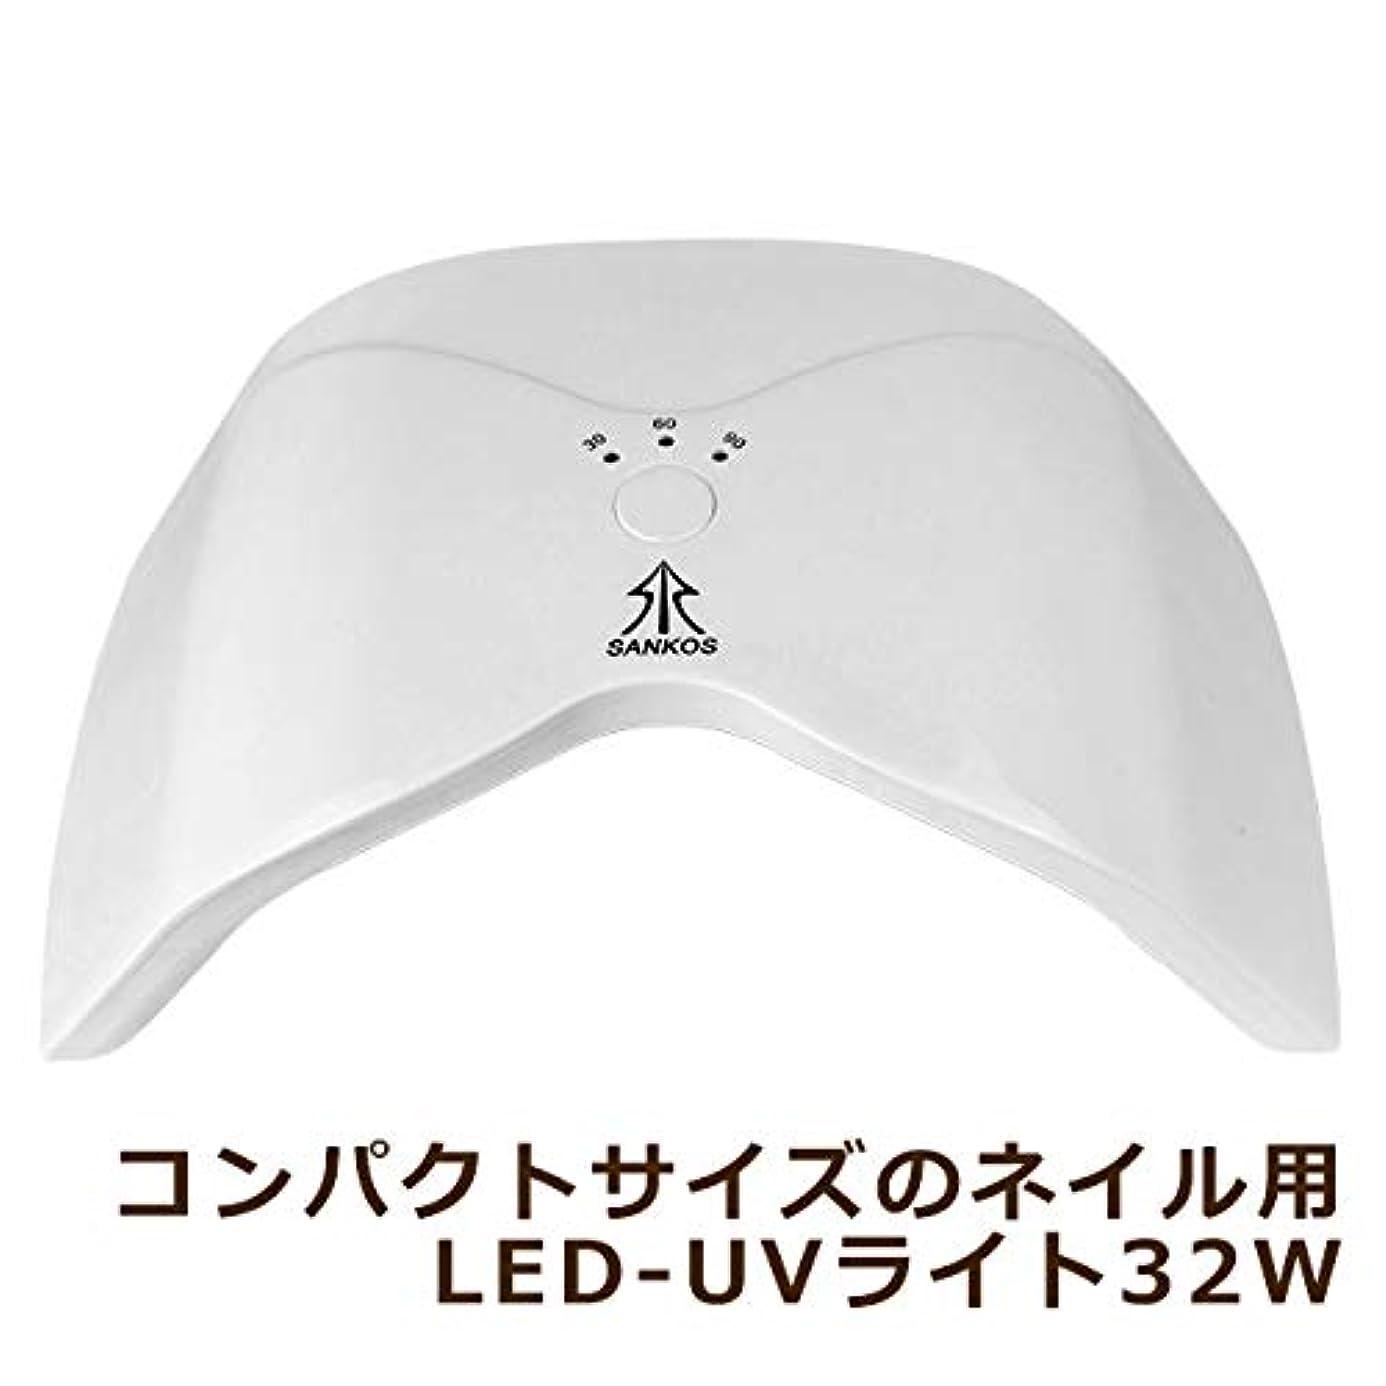 【新入荷】コンパクトサイズ ネイル用 LED-UVライト 32W (LED&UV両方対応)30秒?60秒?90秒タイマー付 (ホワイト)